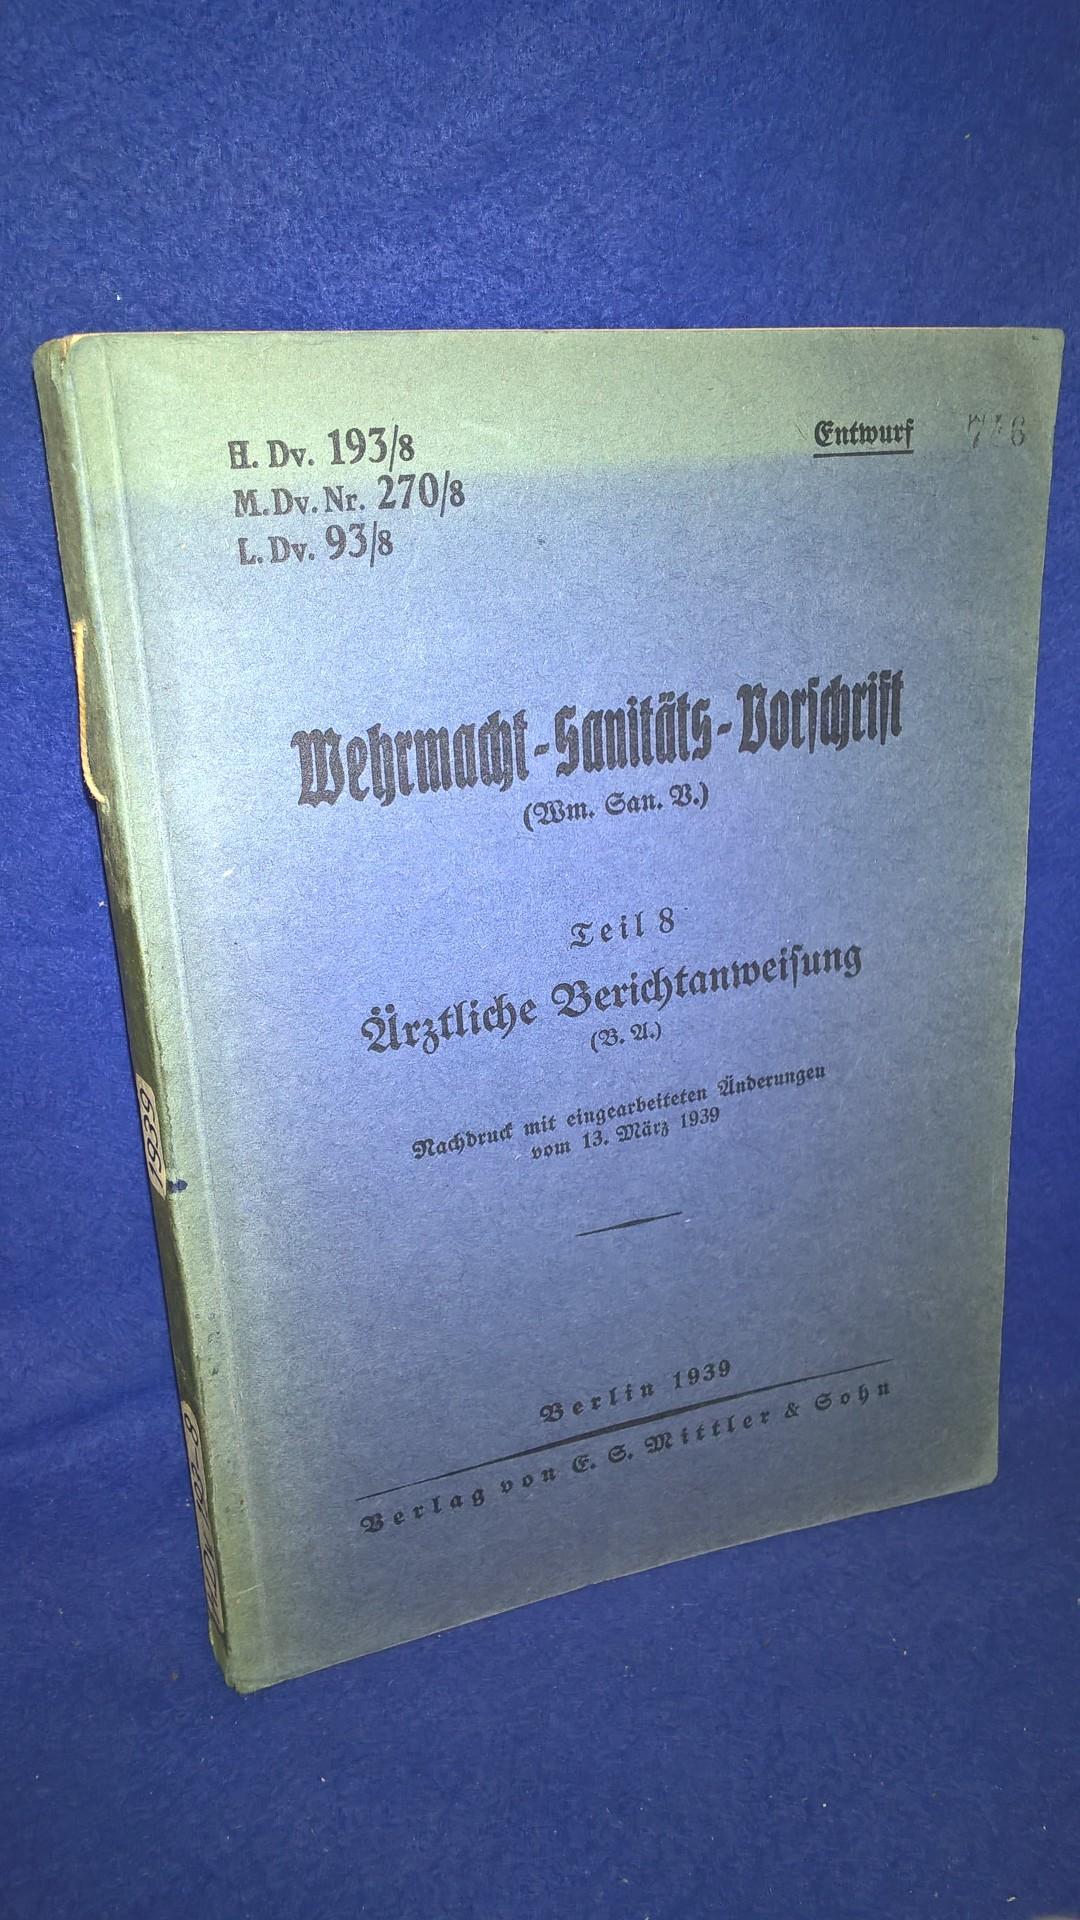 Wehrmacht-Sanitäts-Vorschrift Teil 8 Ärztliche Berichtanweisung